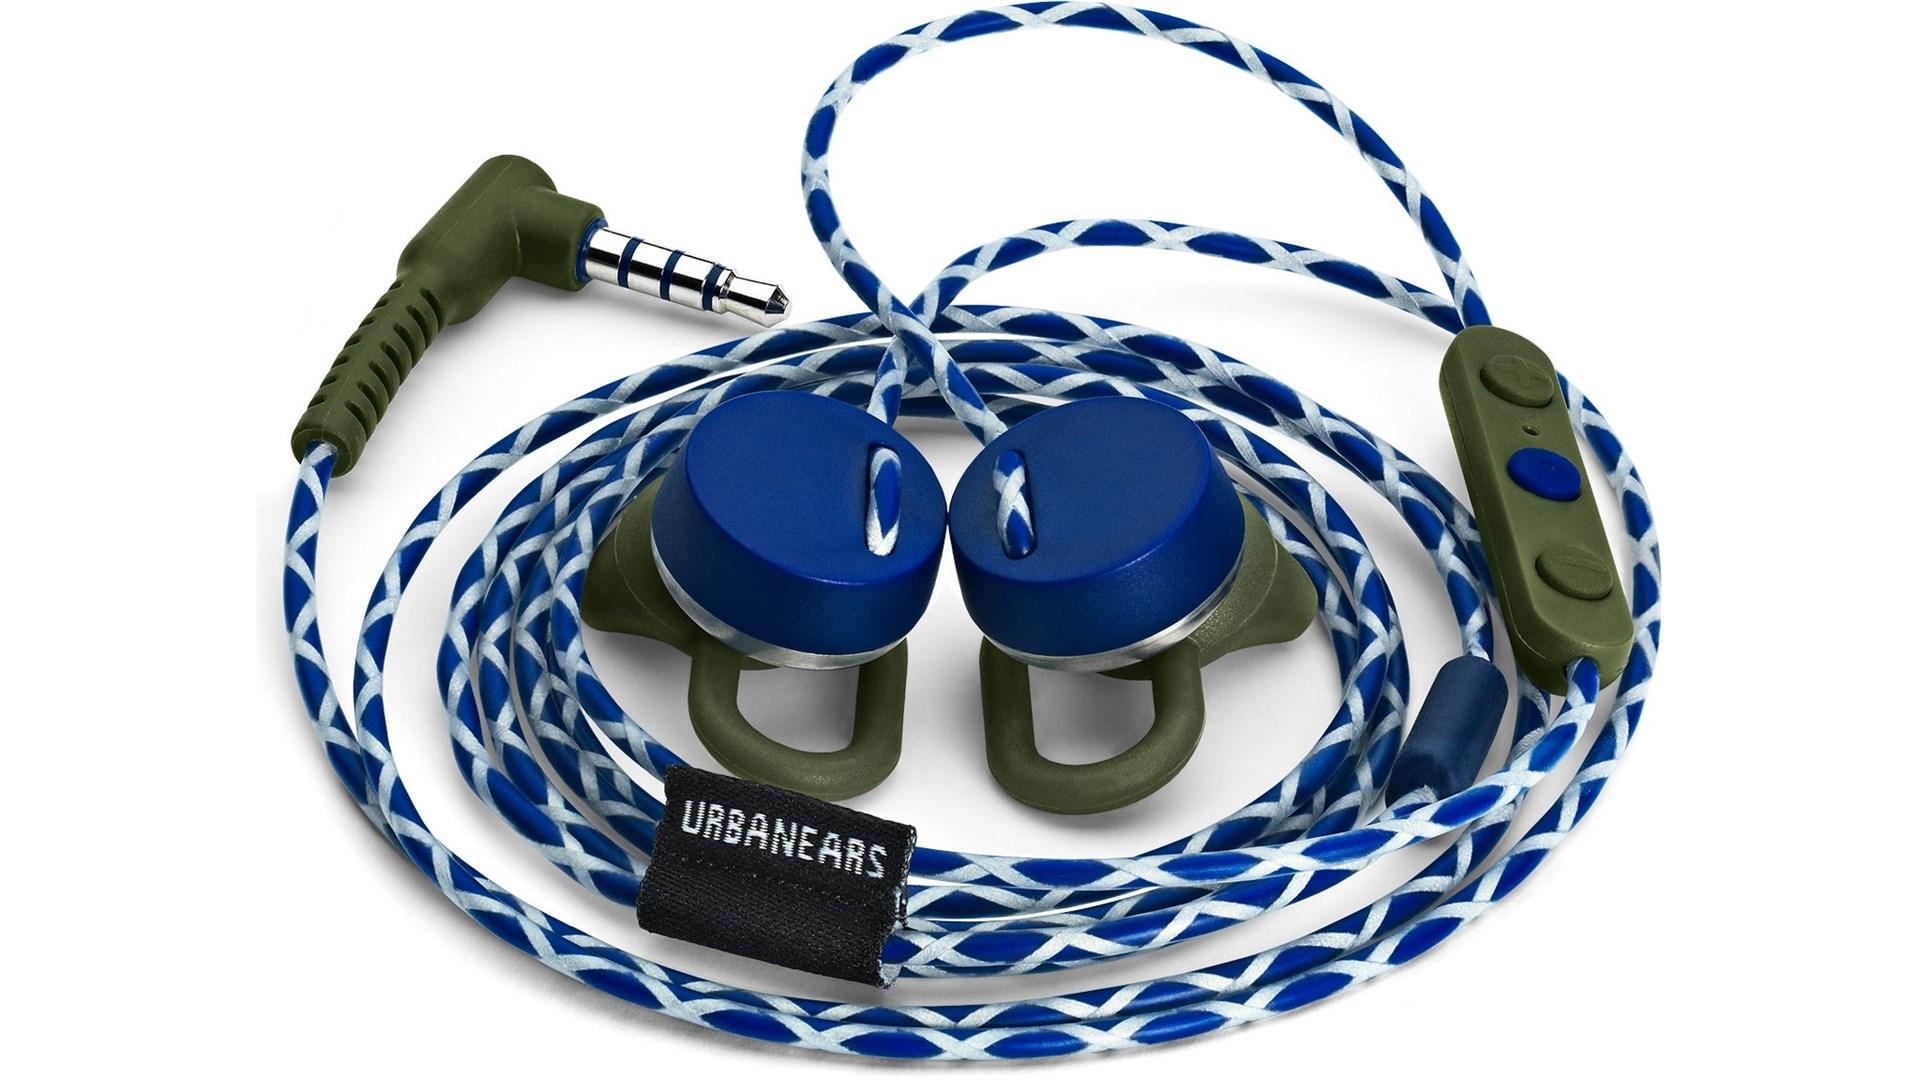 Urbanears Reimers (Android Edition) - вставные наушники с микрофоном (Trial)Внутриканальные наушники<br>Вставные наушники<br>